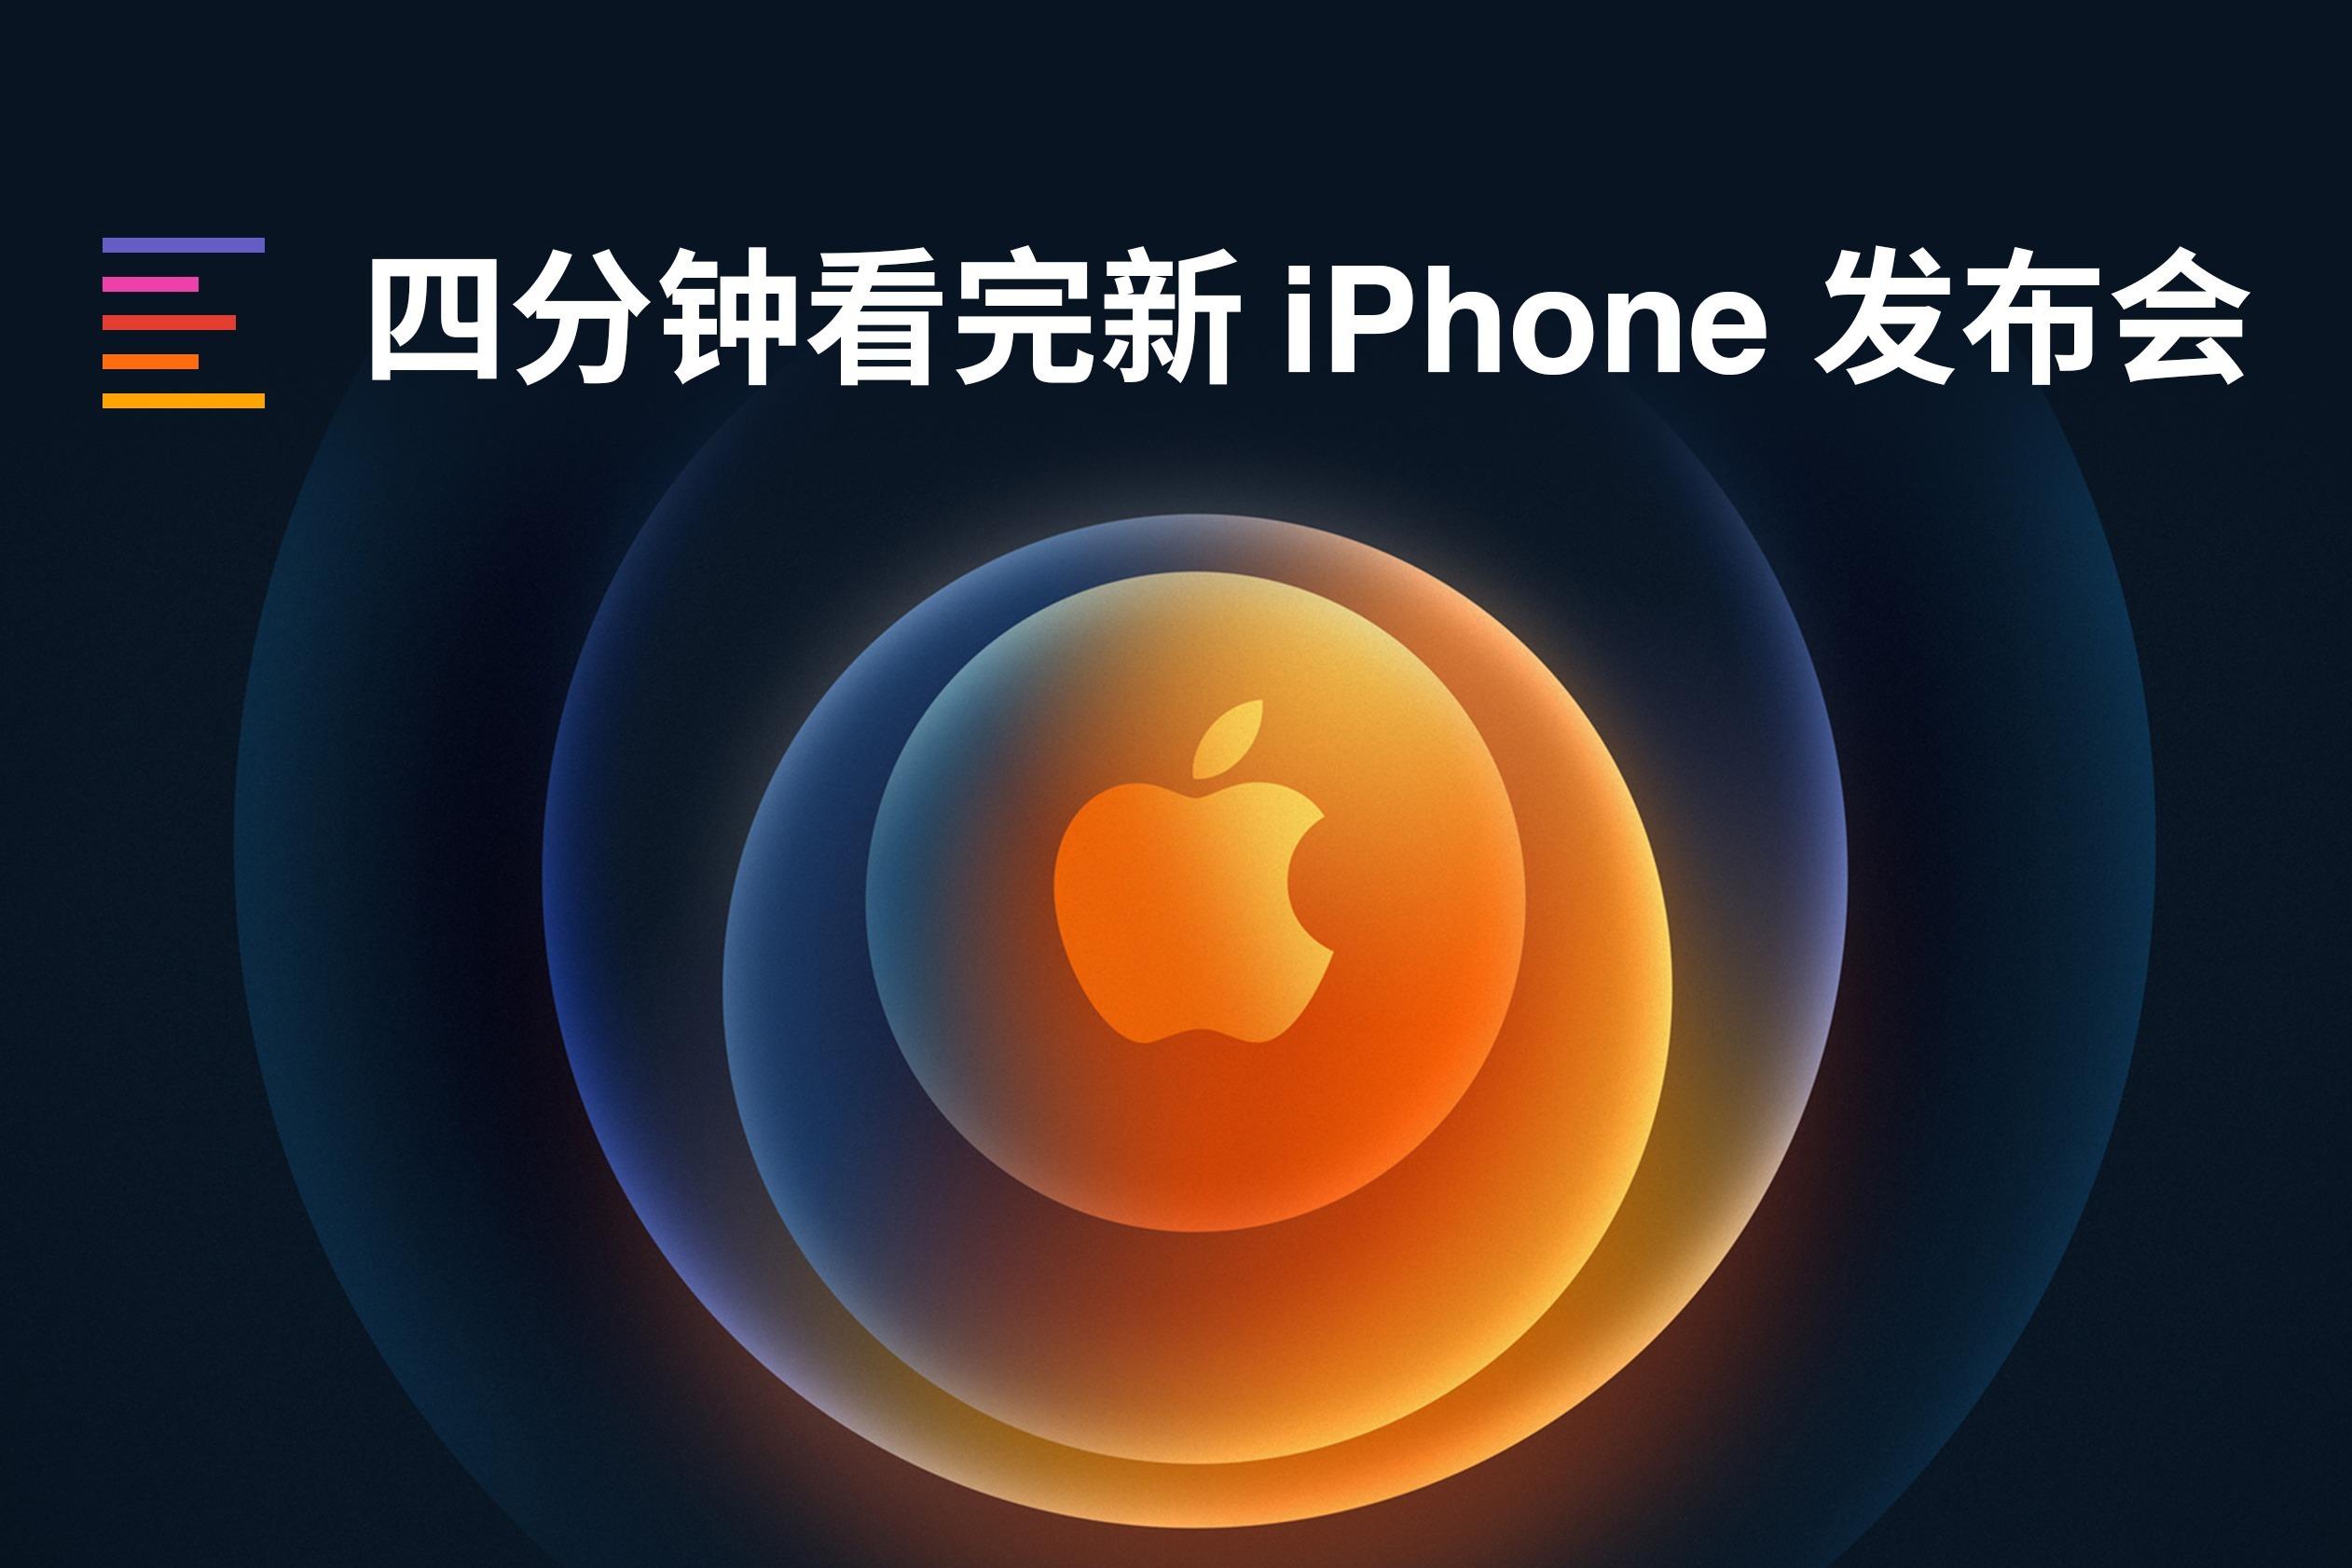 4分钟看完苹果iPhone 12系列手机新品发布会